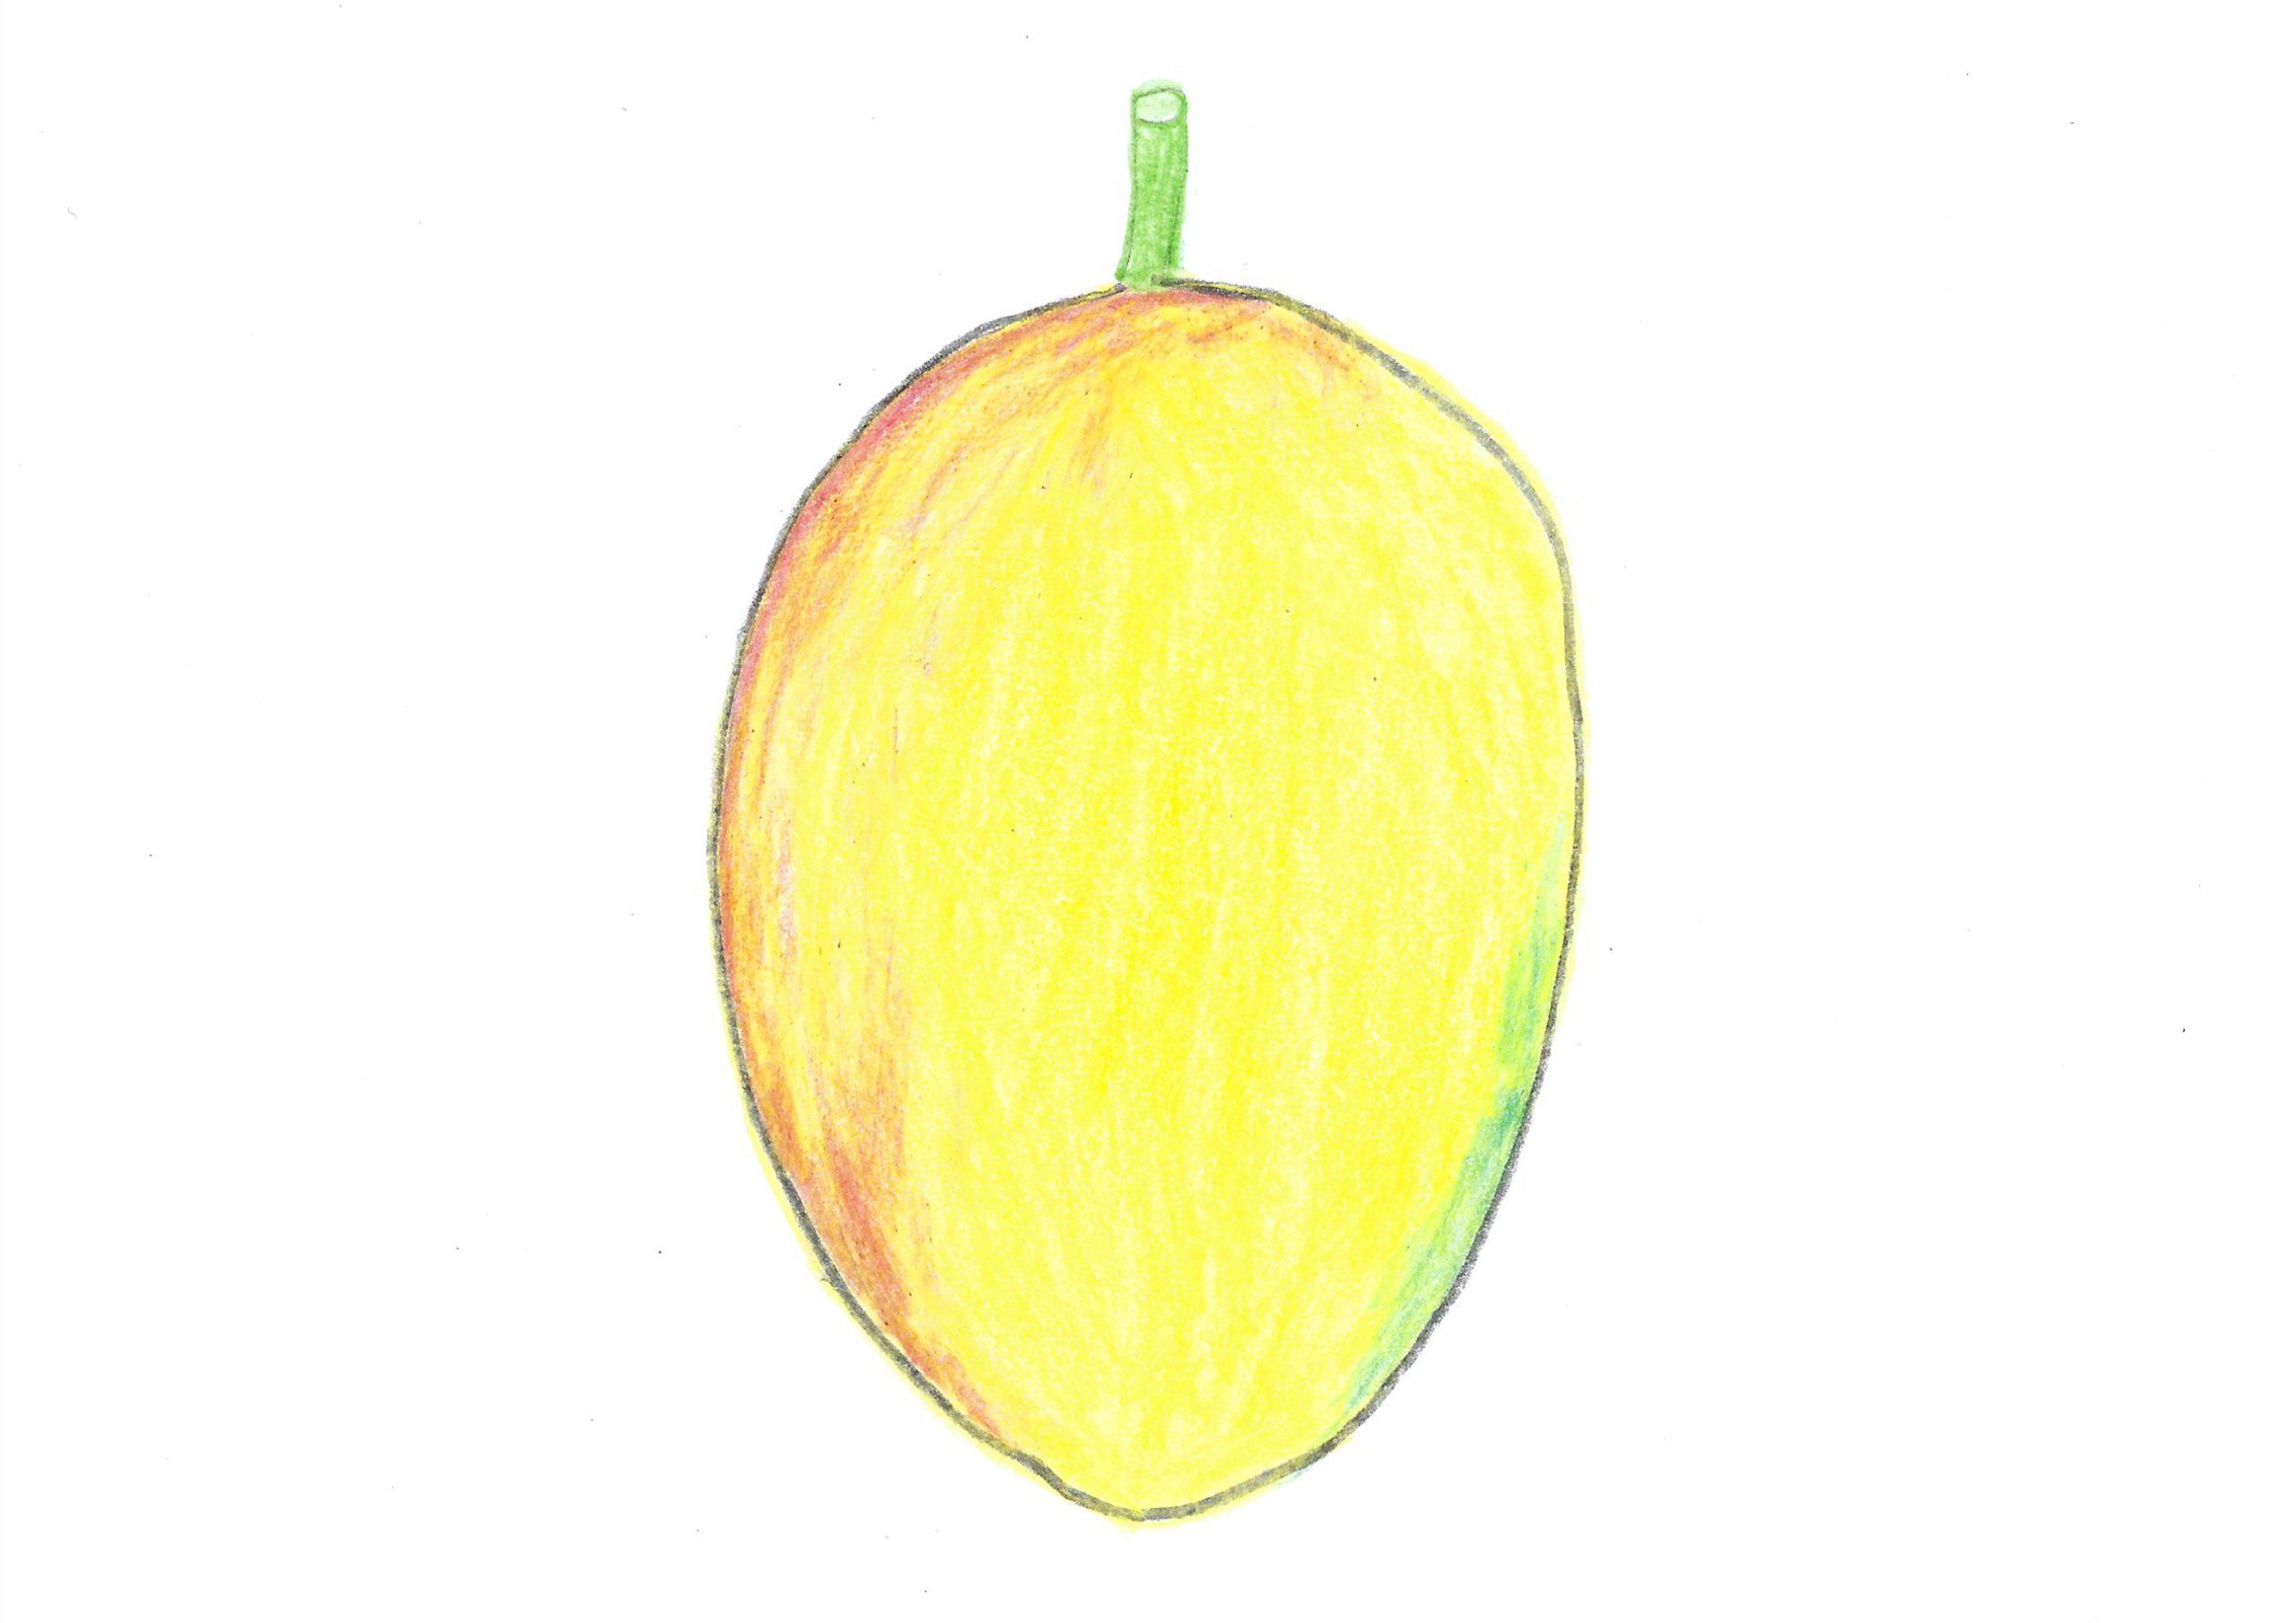 Mango — The mango